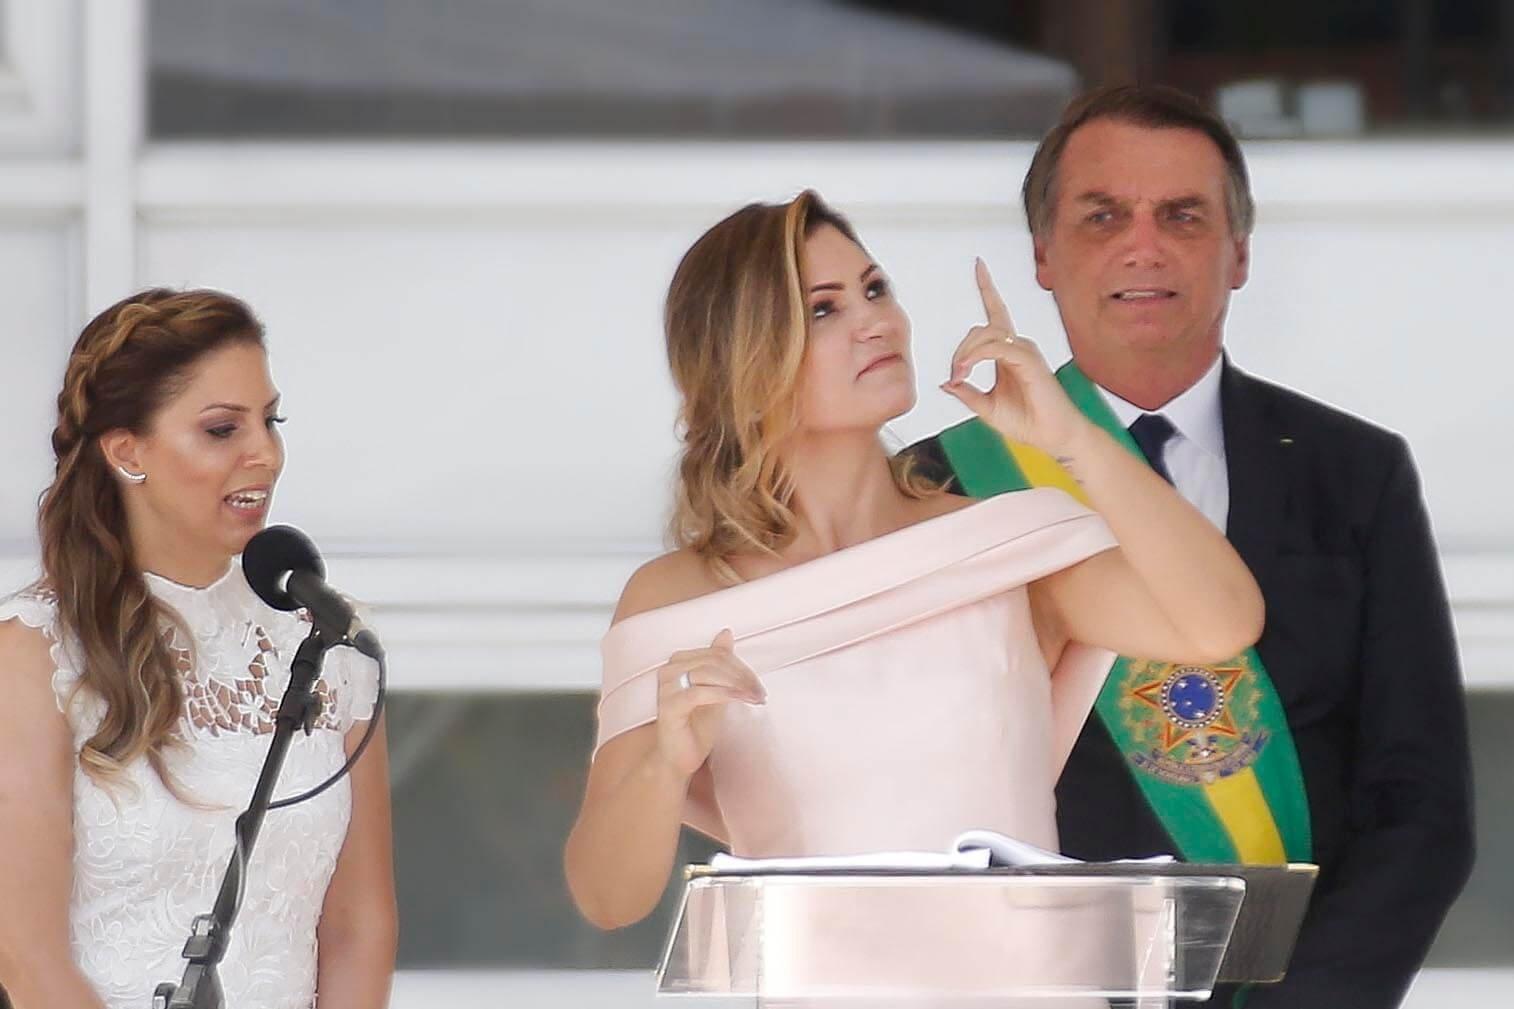 A imagem marcou a estreia pública dessa mulher de 37 anos que ocupa um dos postos mais relevantes em Brasília